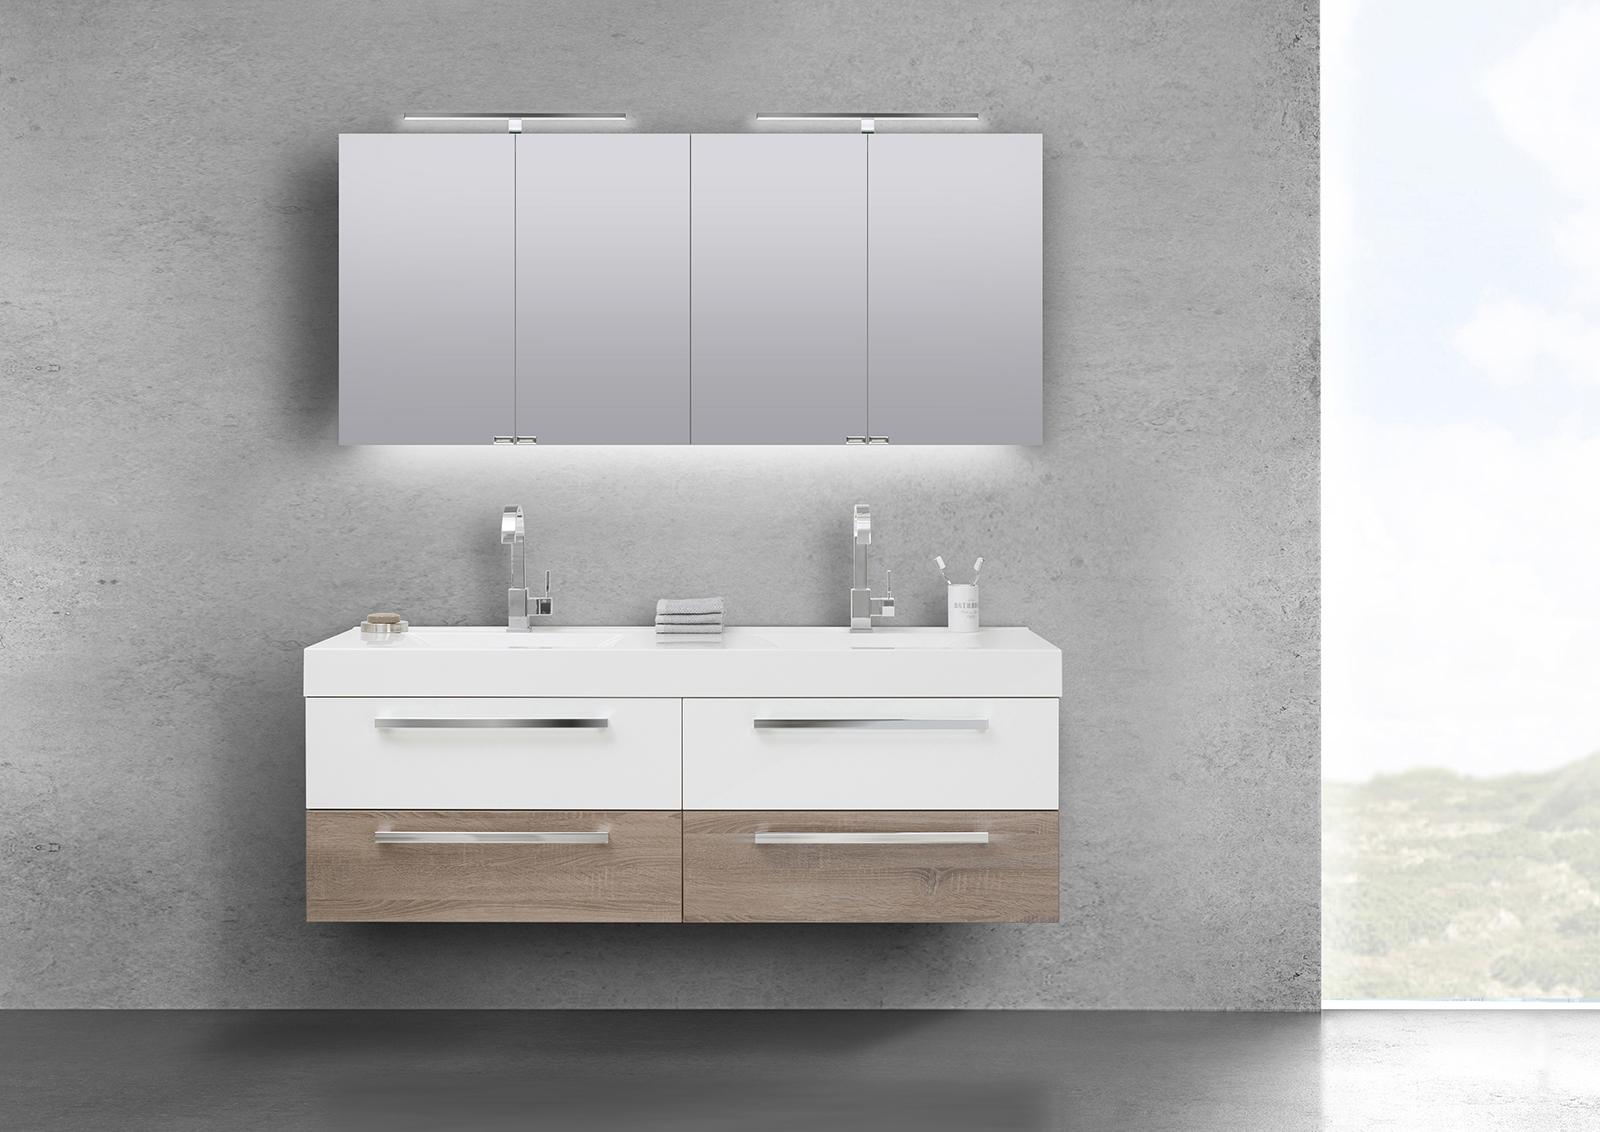 badm bel set doppelwaschbecken 160 cm mit unterschrank spiegelschrank. Black Bedroom Furniture Sets. Home Design Ideas